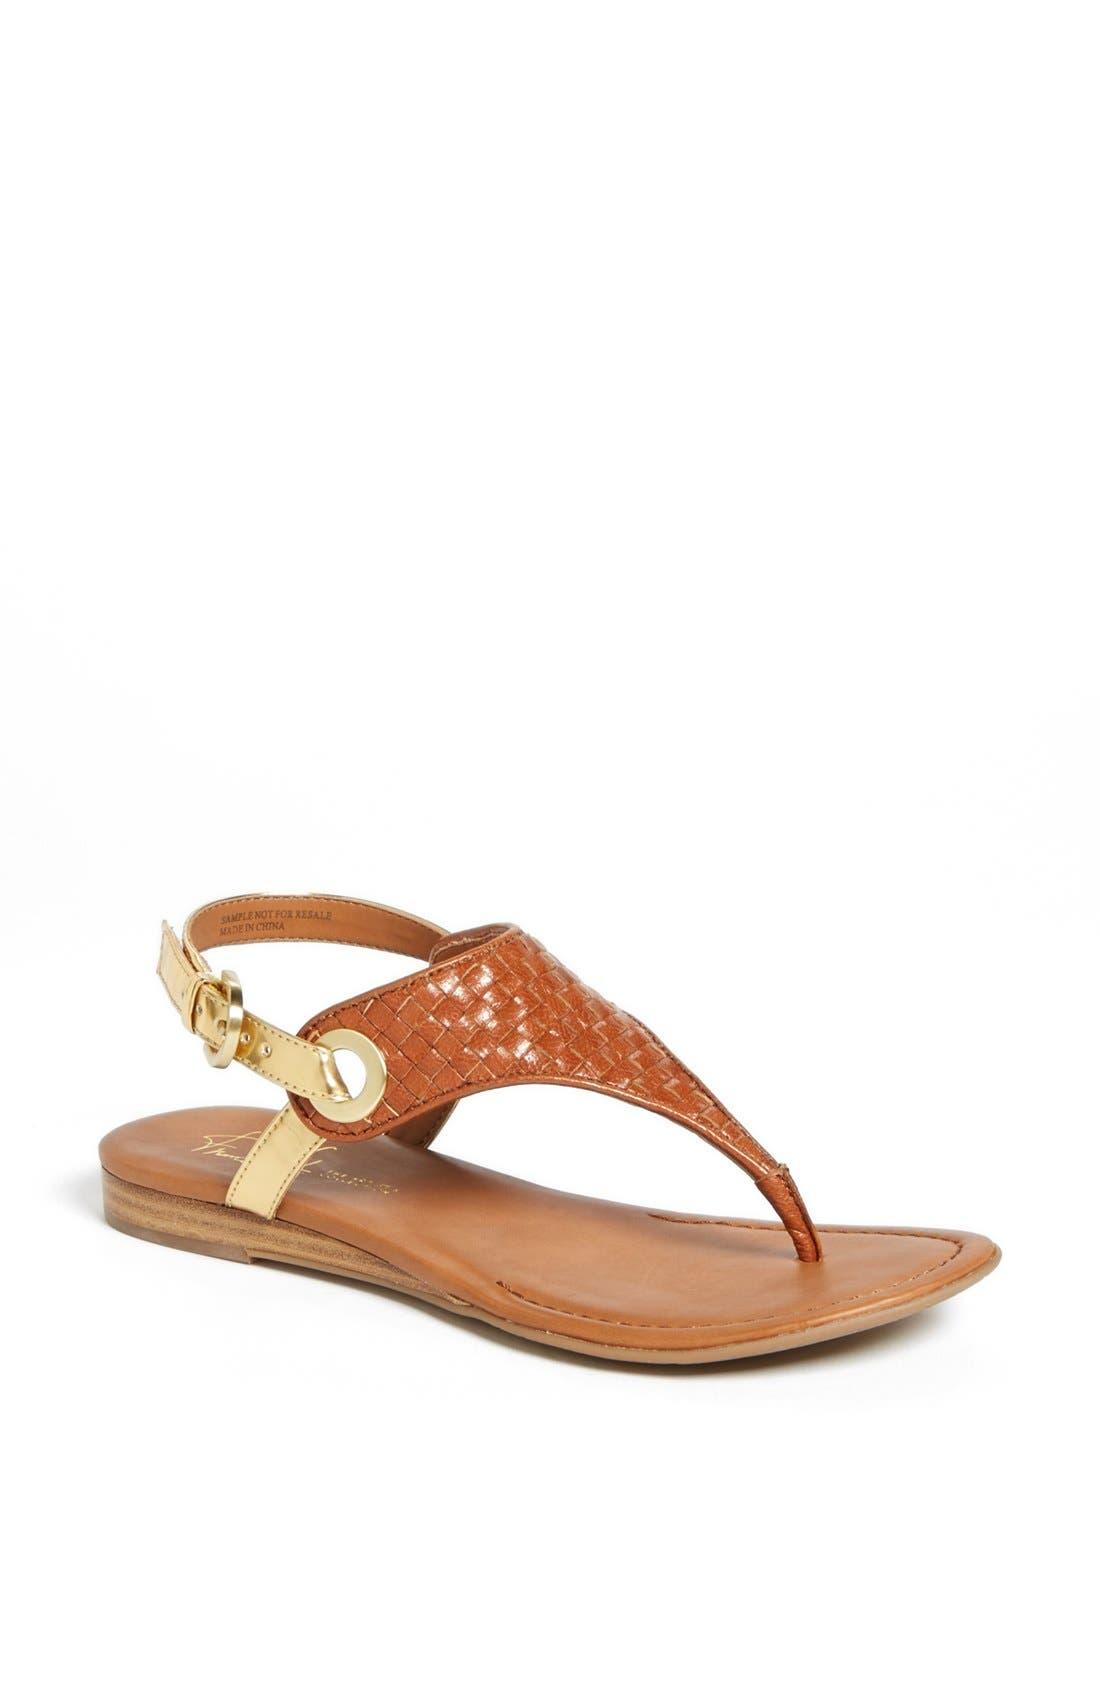 'Grip' Sandal,                         Main,                         color, Cuoio Weave